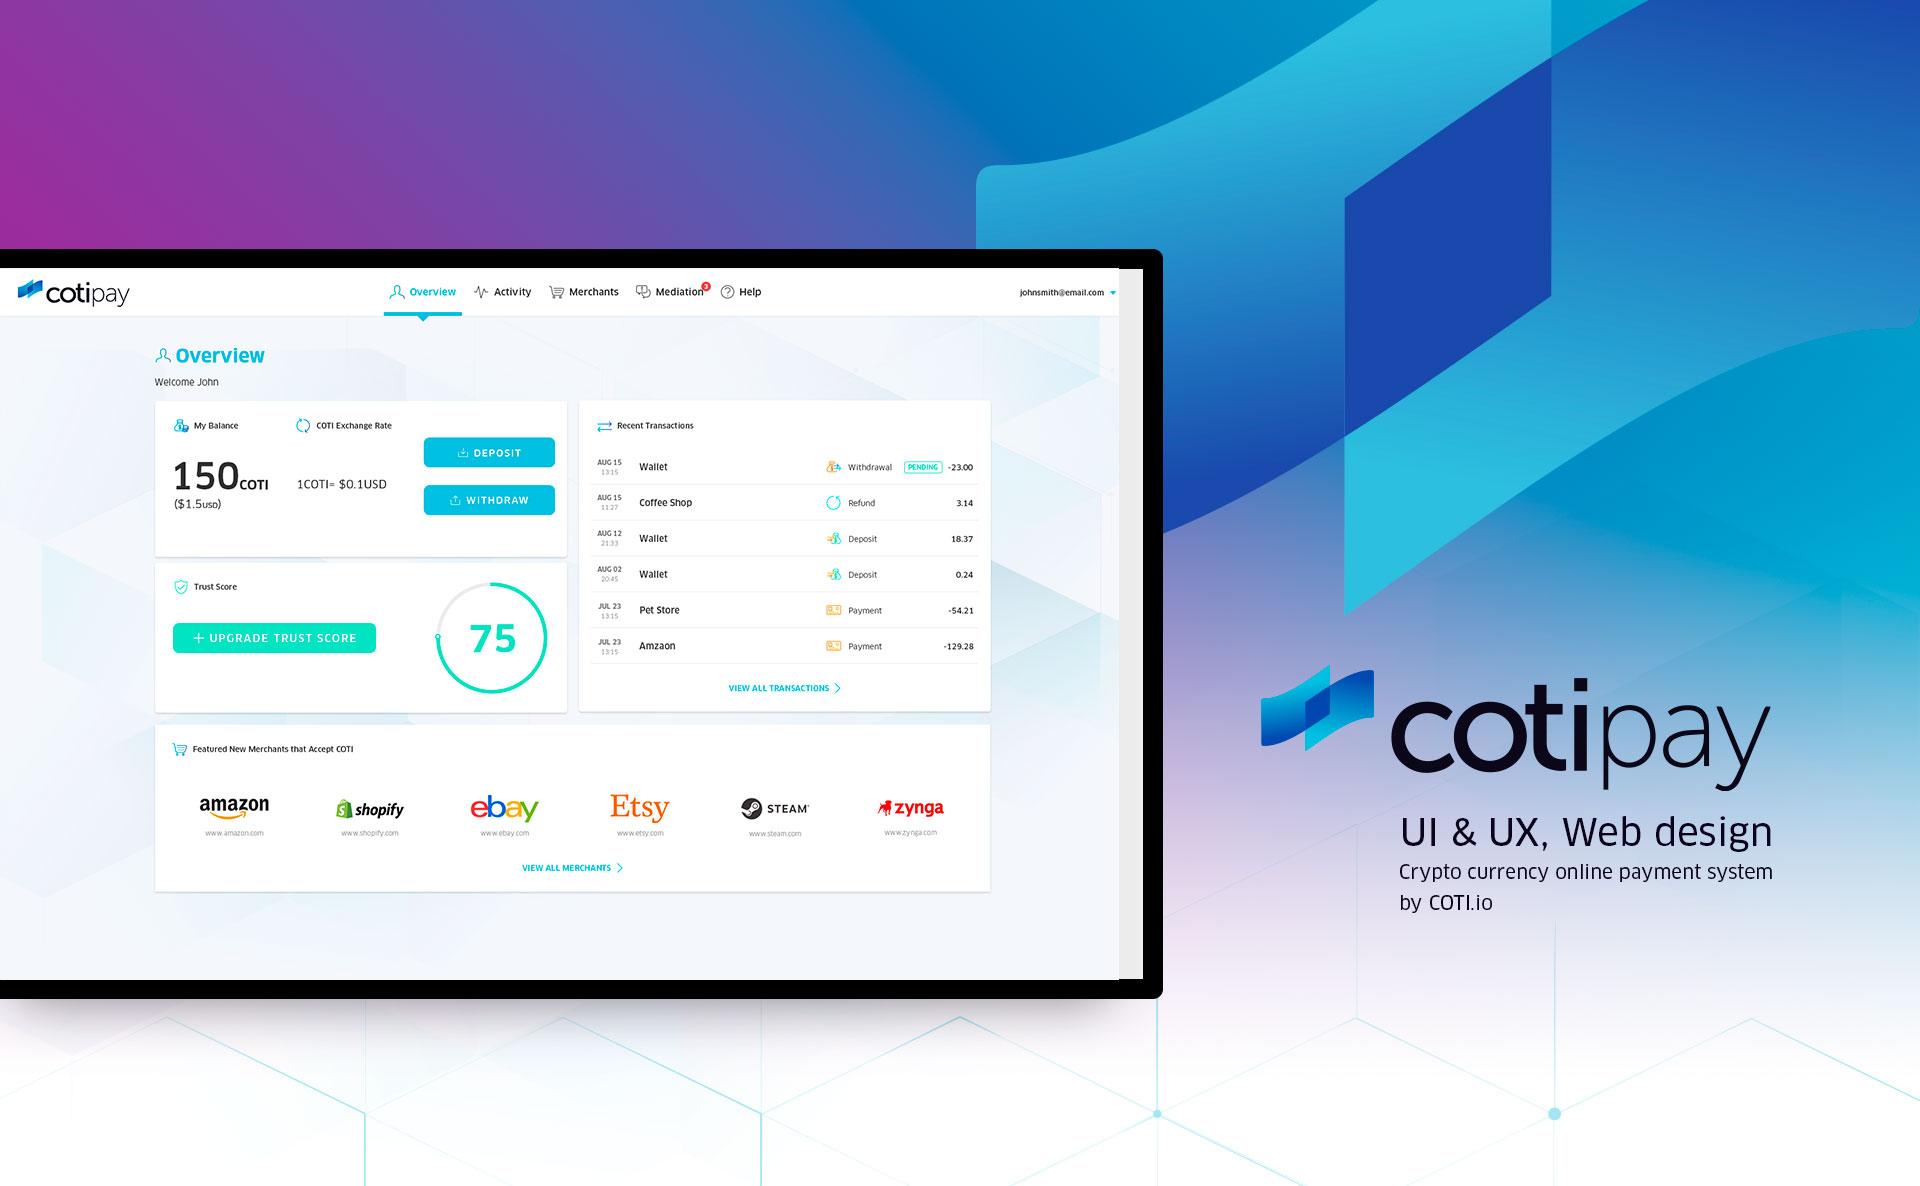 Cotipay - UI & UX for digital crypto currency payment system by COTI תכנון חוויית משתמש ועיצוב ממשק משתמש לארנק דיגיטלי קריפטו 1